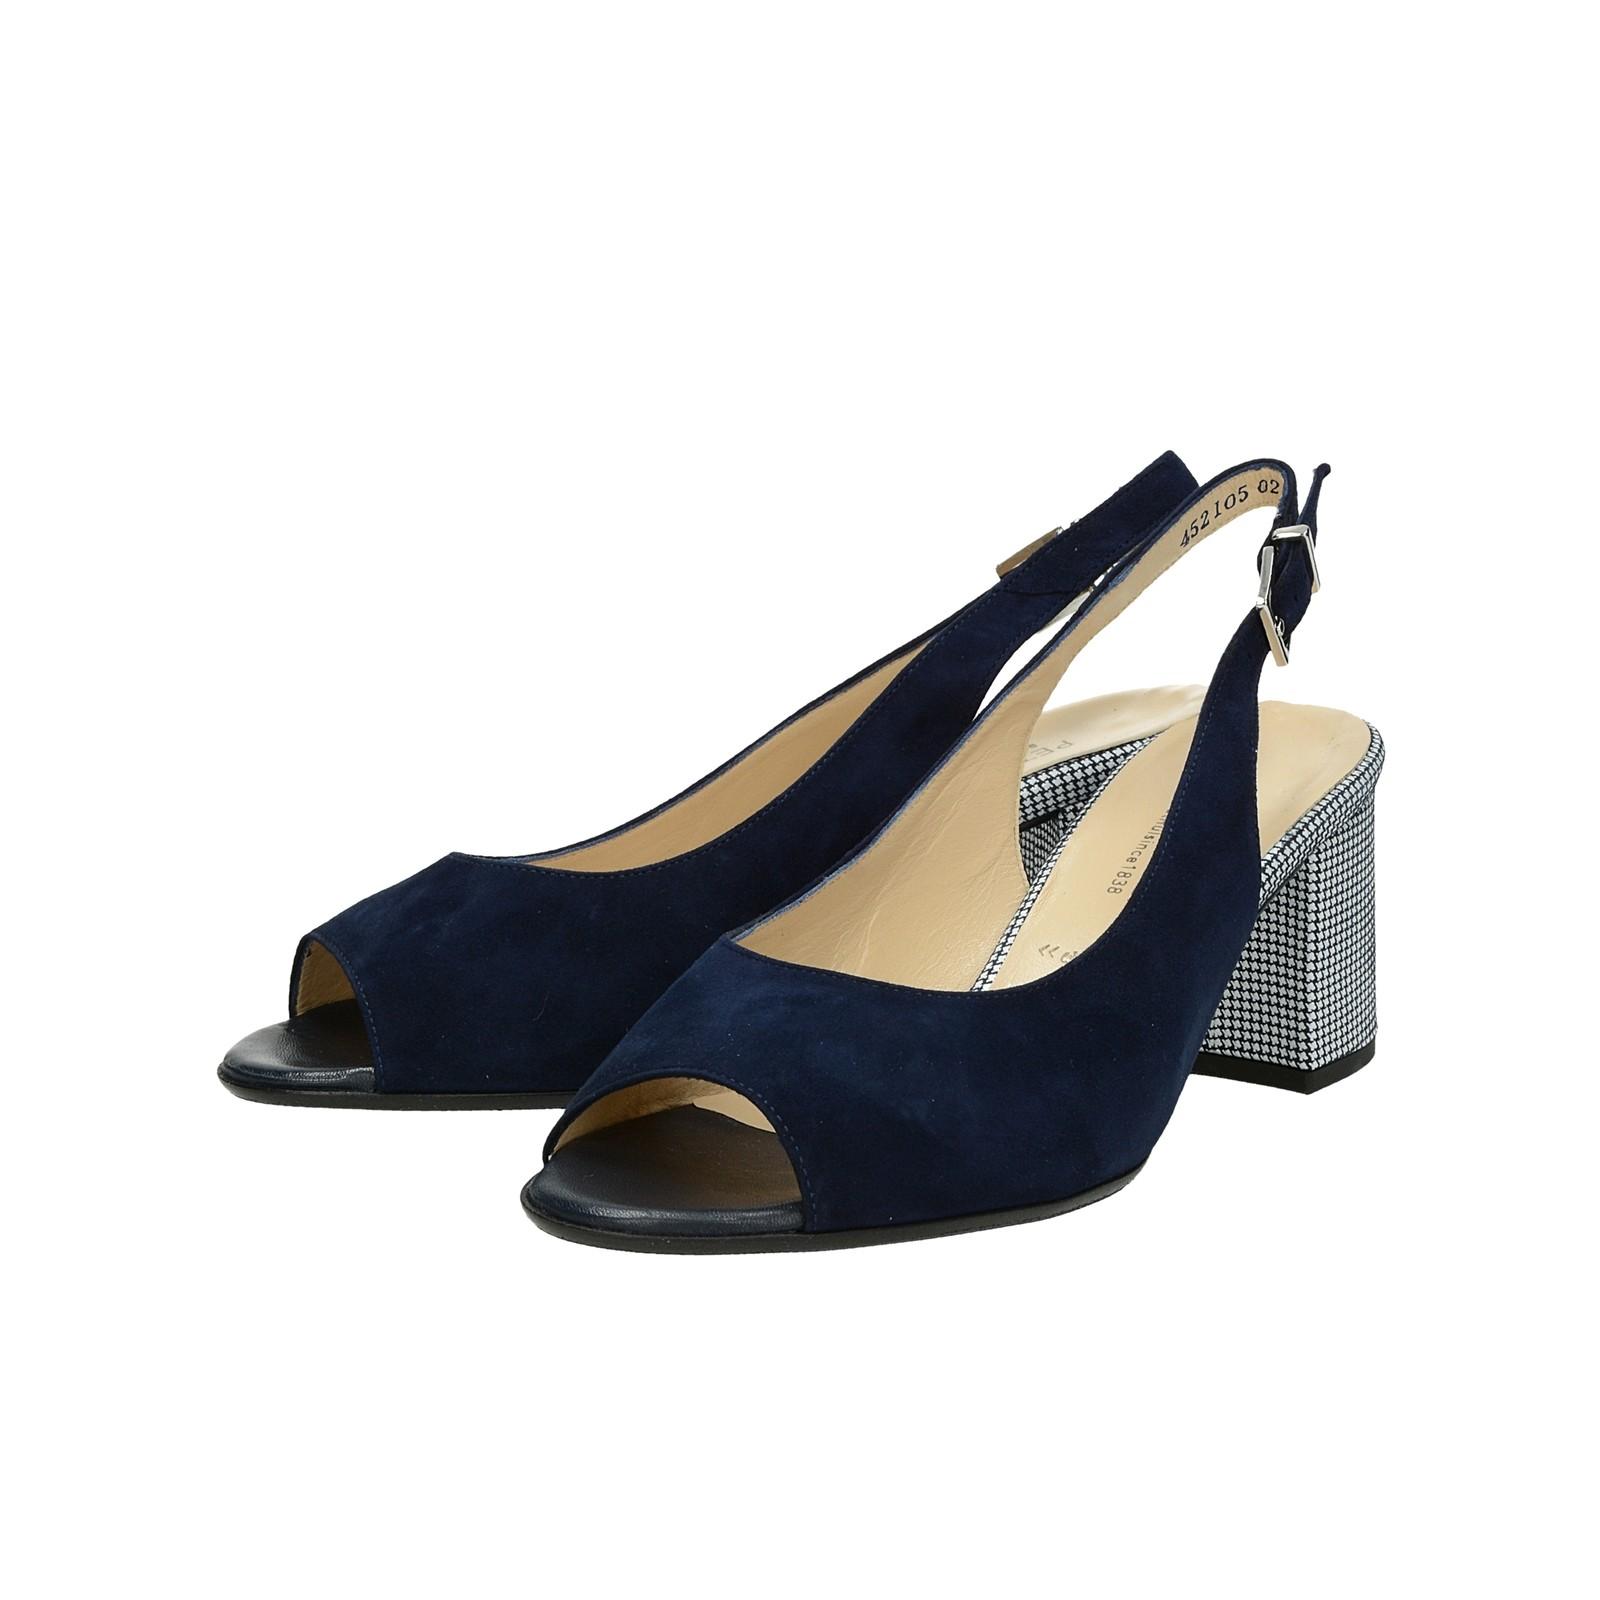 263265ad1e90 ... Peter Kaiser dámske semišové sandále s remienkom - tmavomodré ...